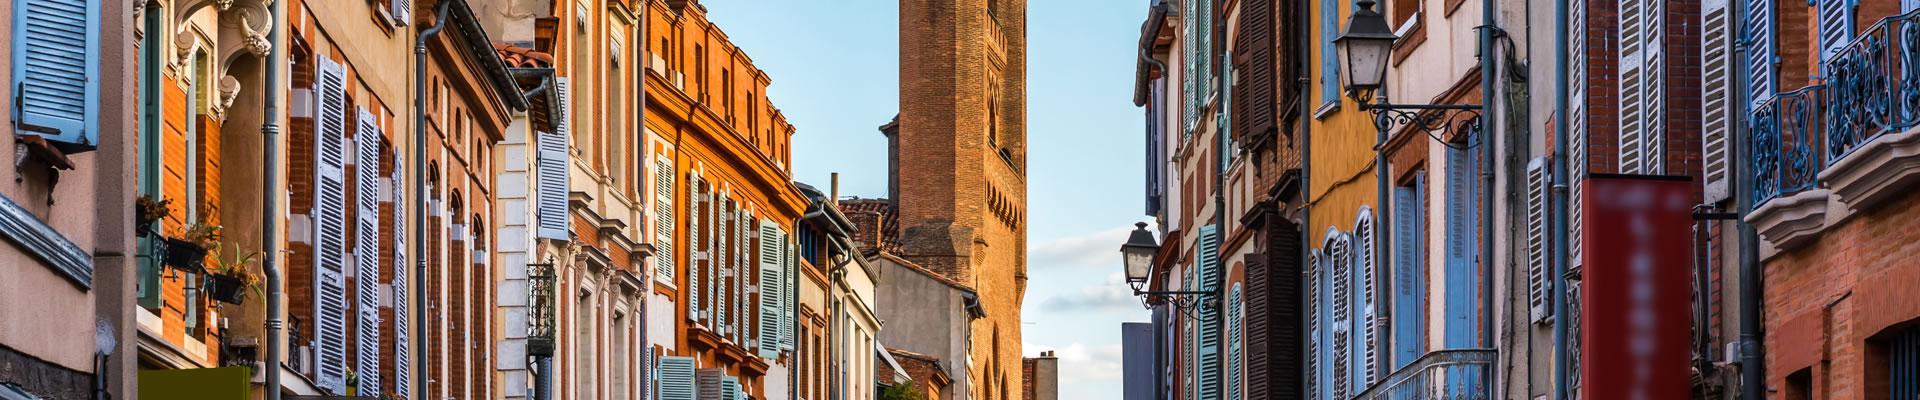 Toulouse, la rue du Raur